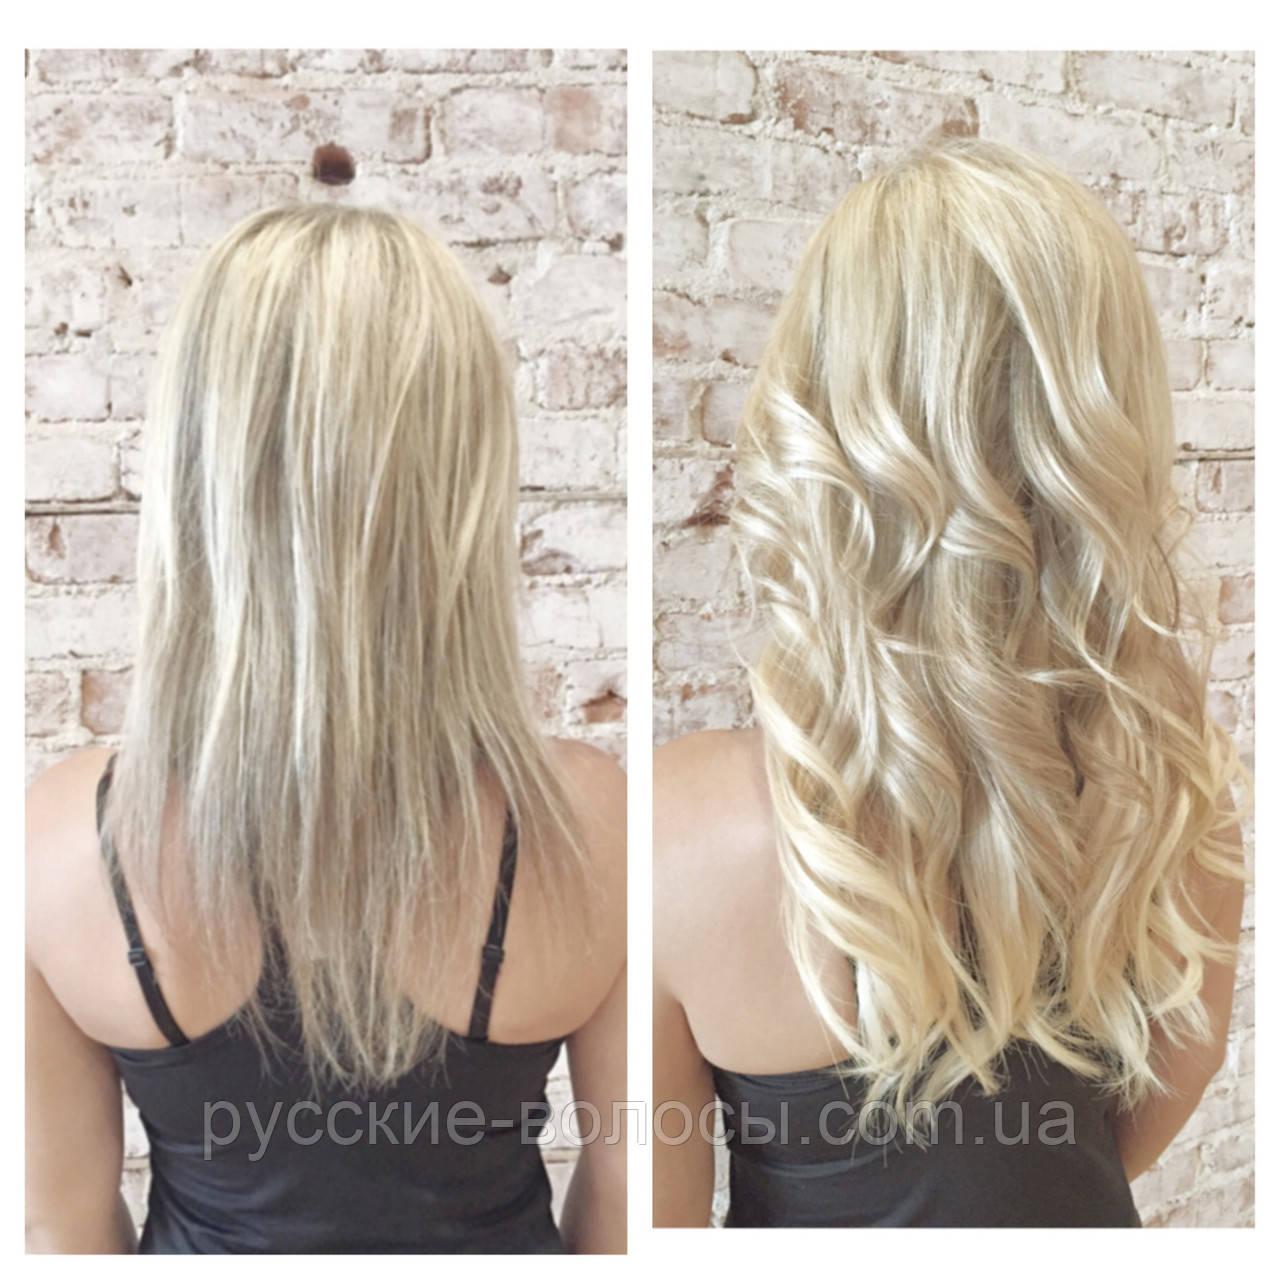 7e5946f39839 Цена на нарастить волосы в Киеве от компании